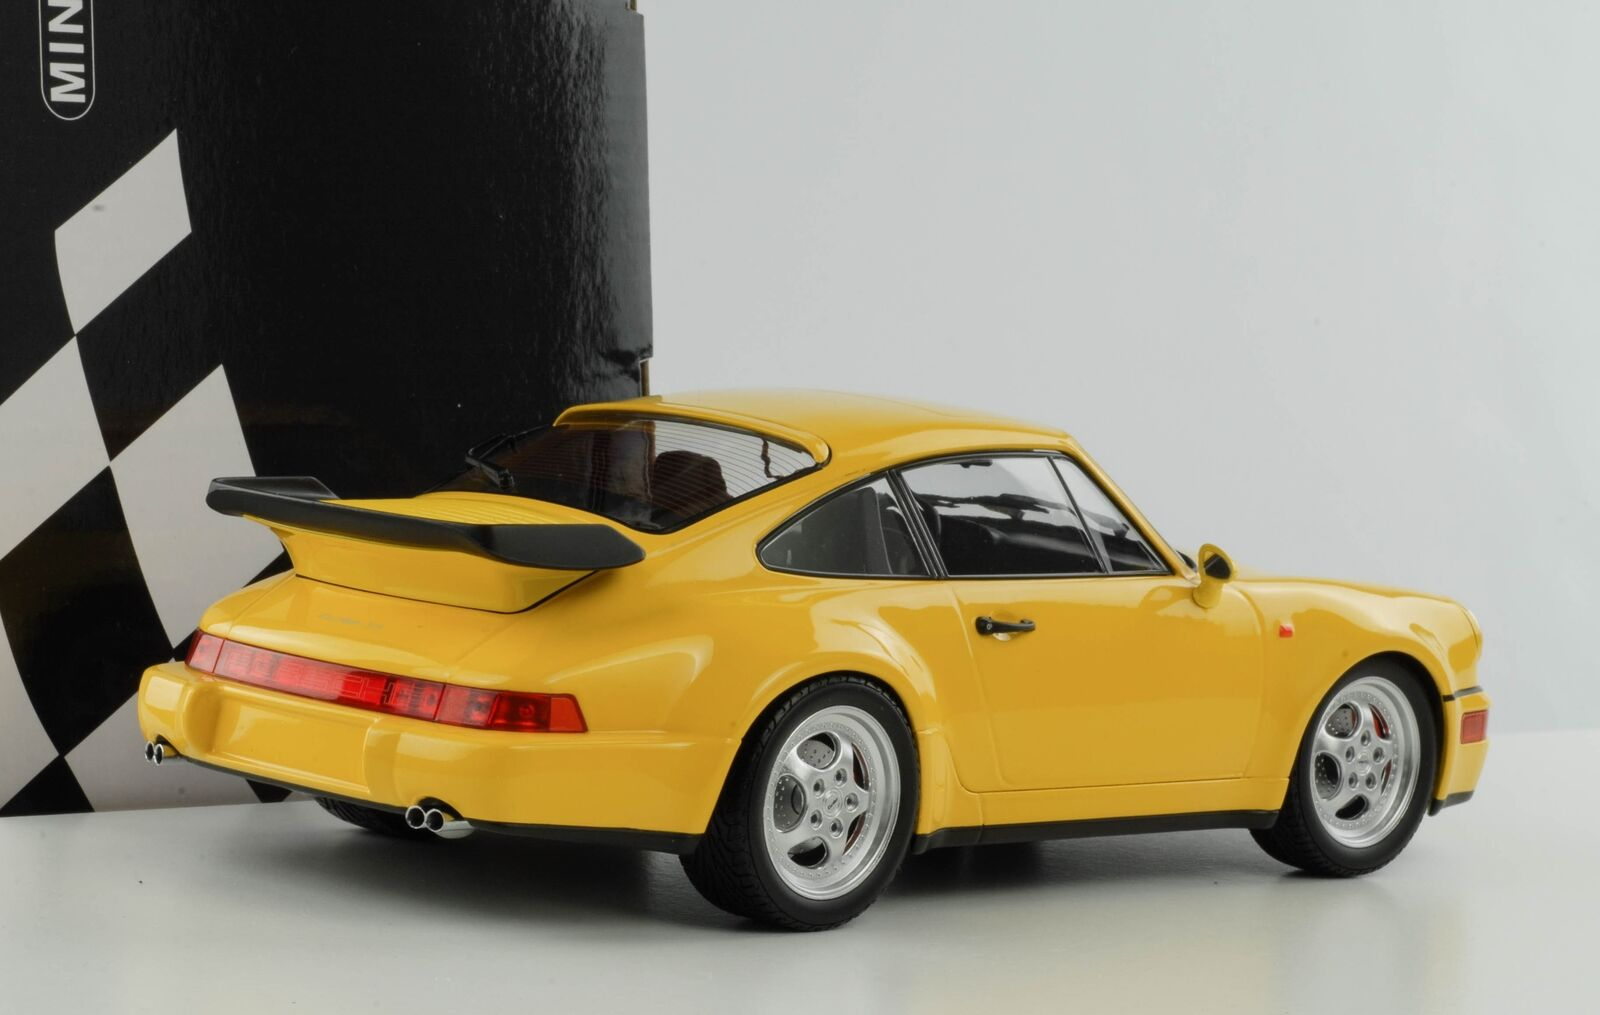 Porsche 911 964 3.6 Turbo Speedgelb diecast 1 18 Minichamps 155069100  | Reichlich Und Pünktliche Lieferung